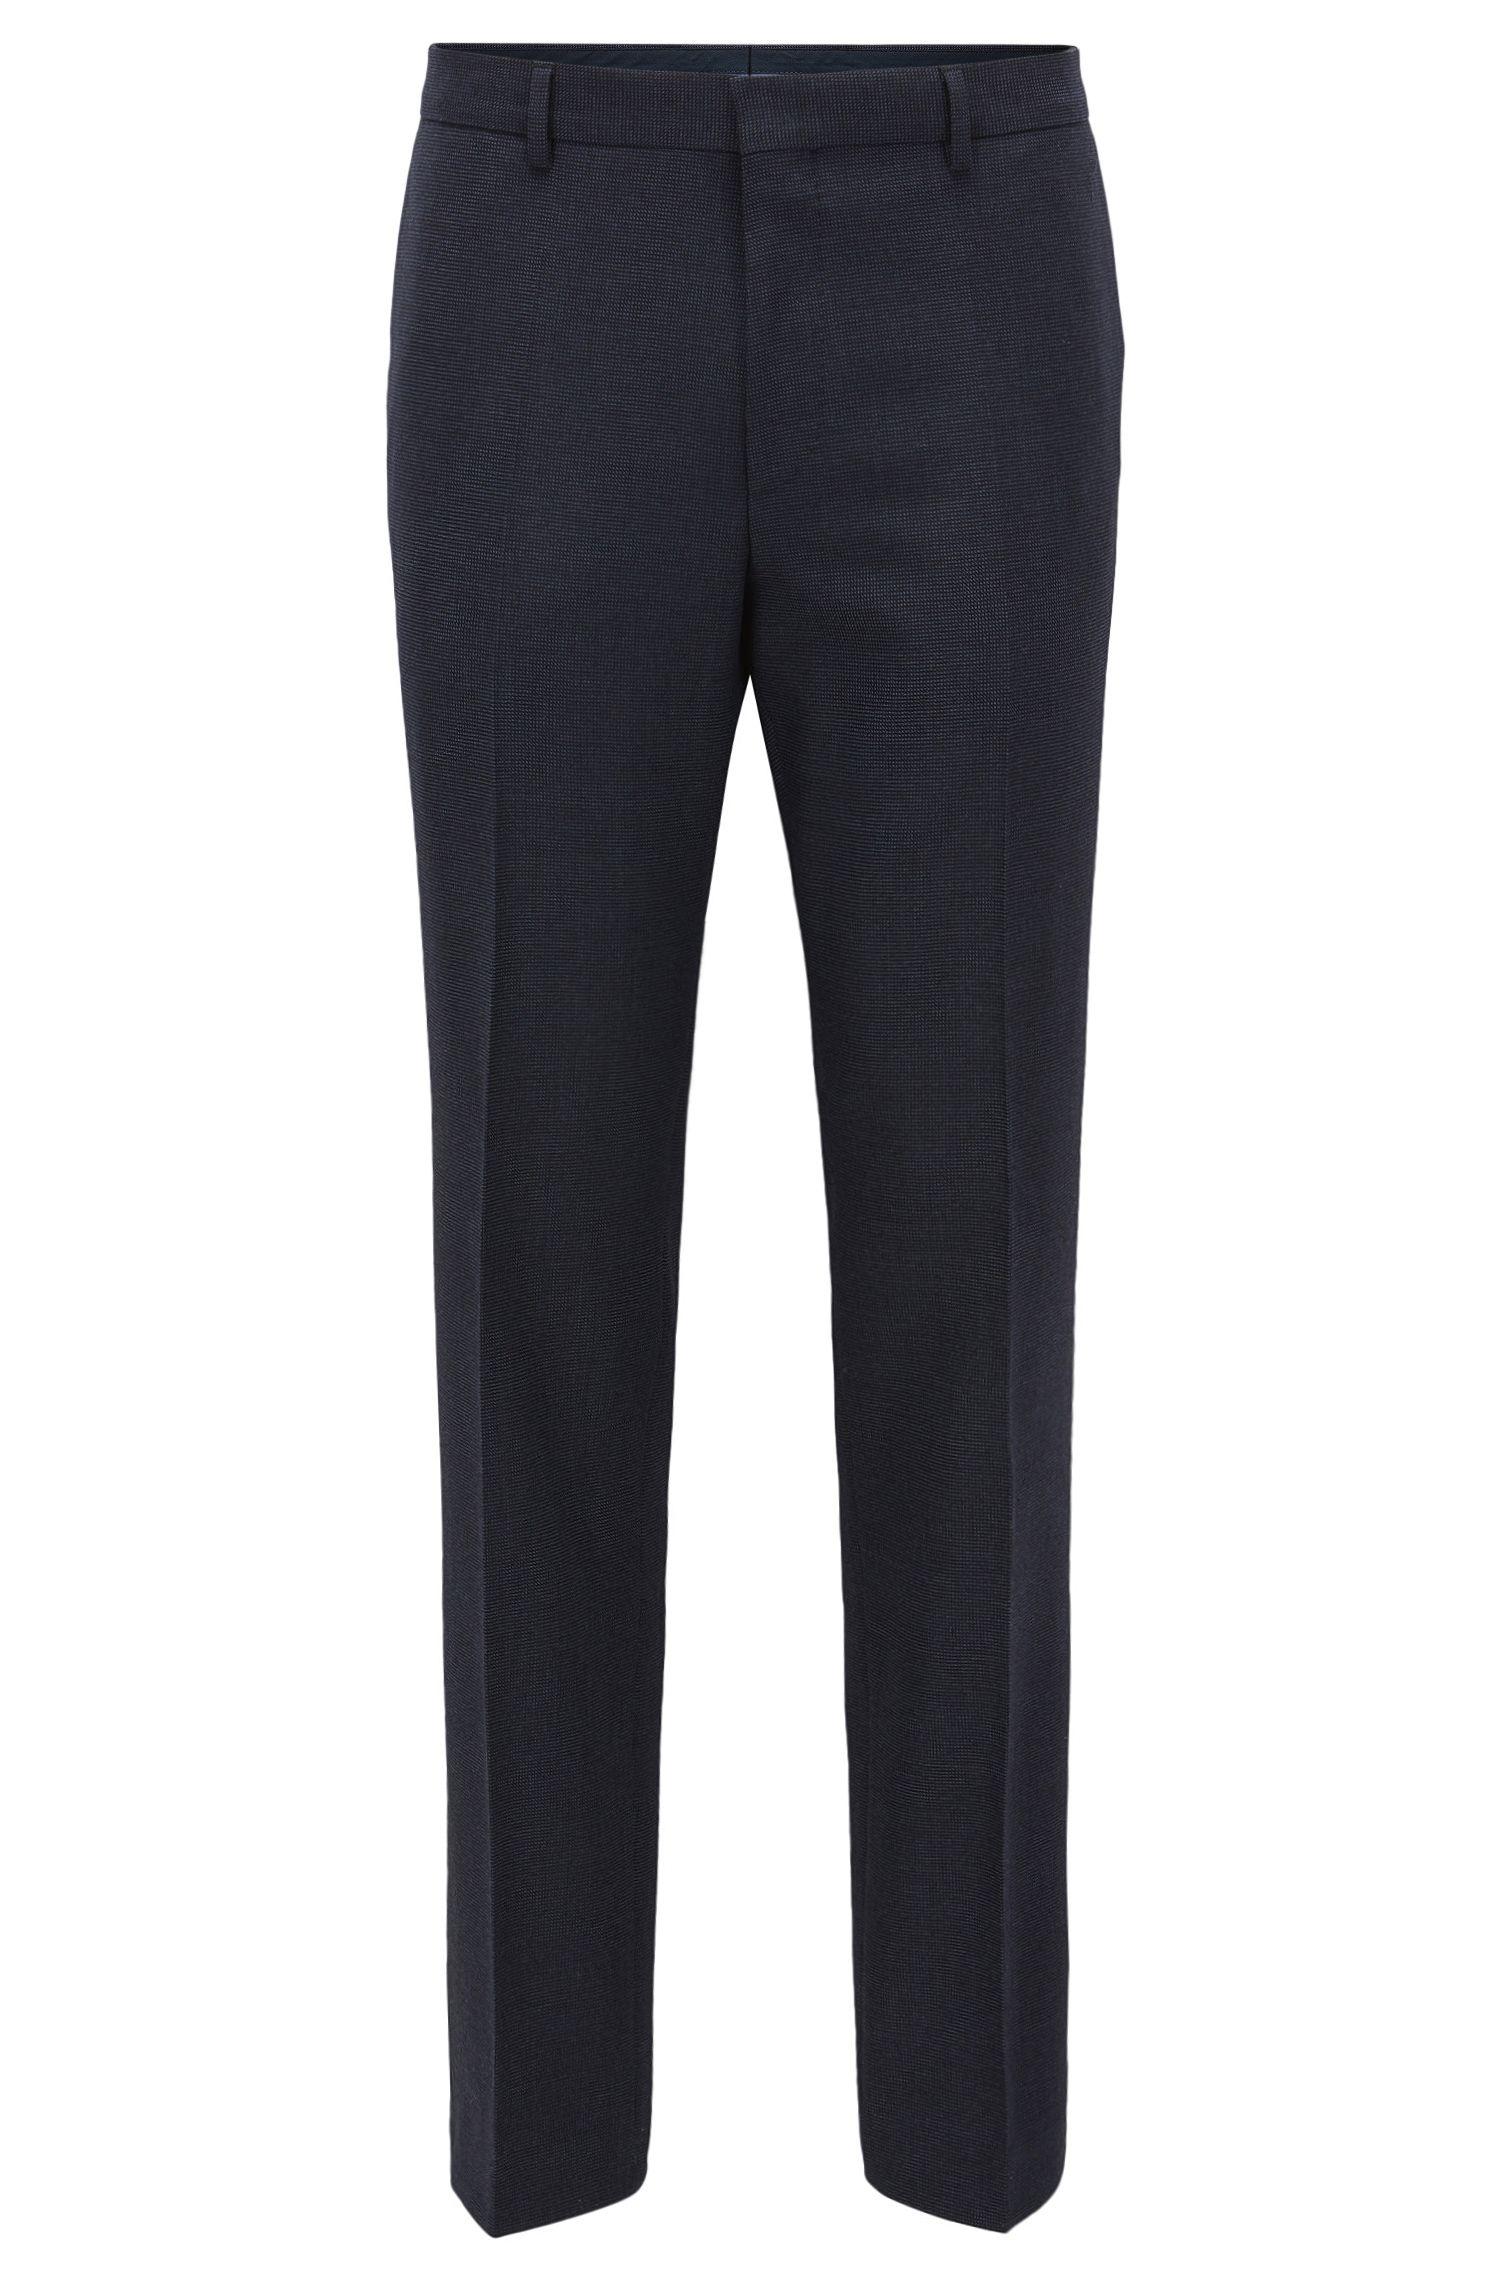 Pantalones slim fit en mezcla de lana